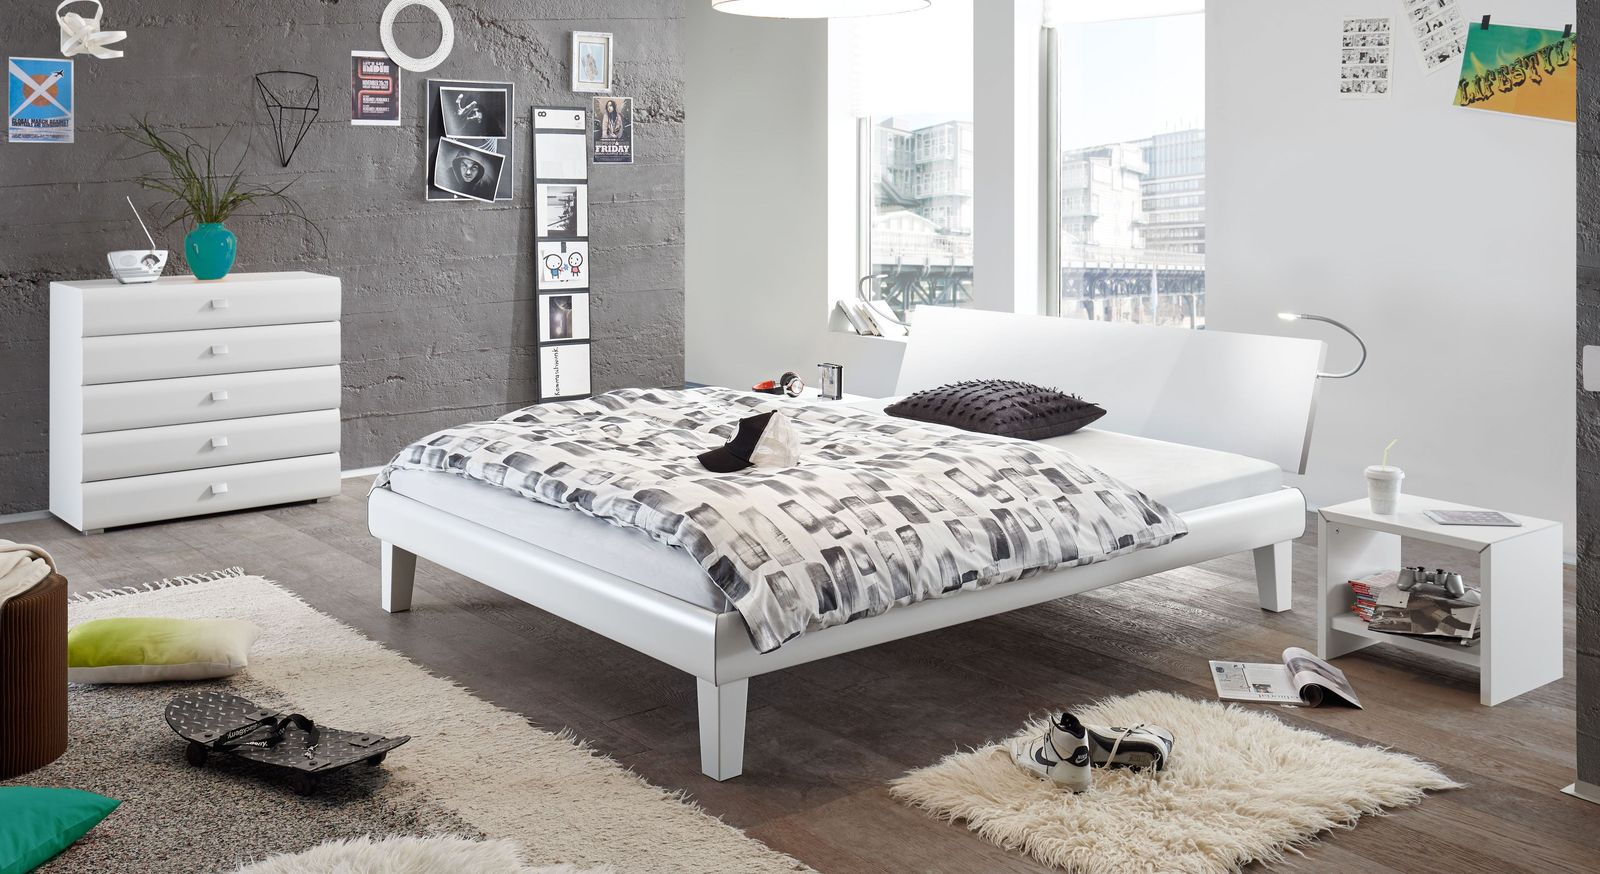 Bett Arona mit passenden Accessoires fürs Schlafzimmer